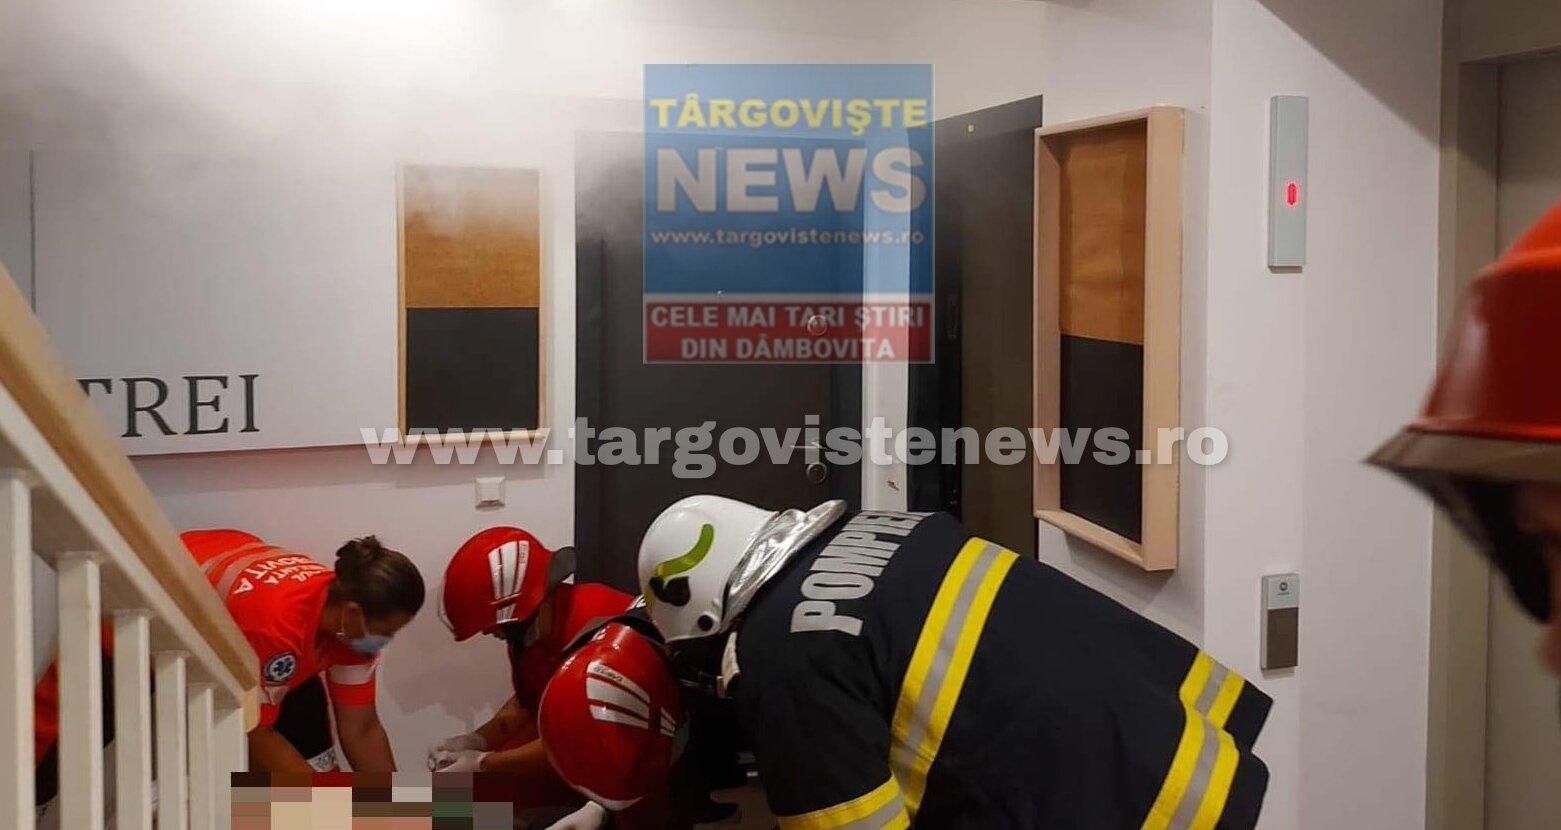 Intervenție de urgență într-un complex rezidențial din Târgoviște. O locatară, în pericol de moarte